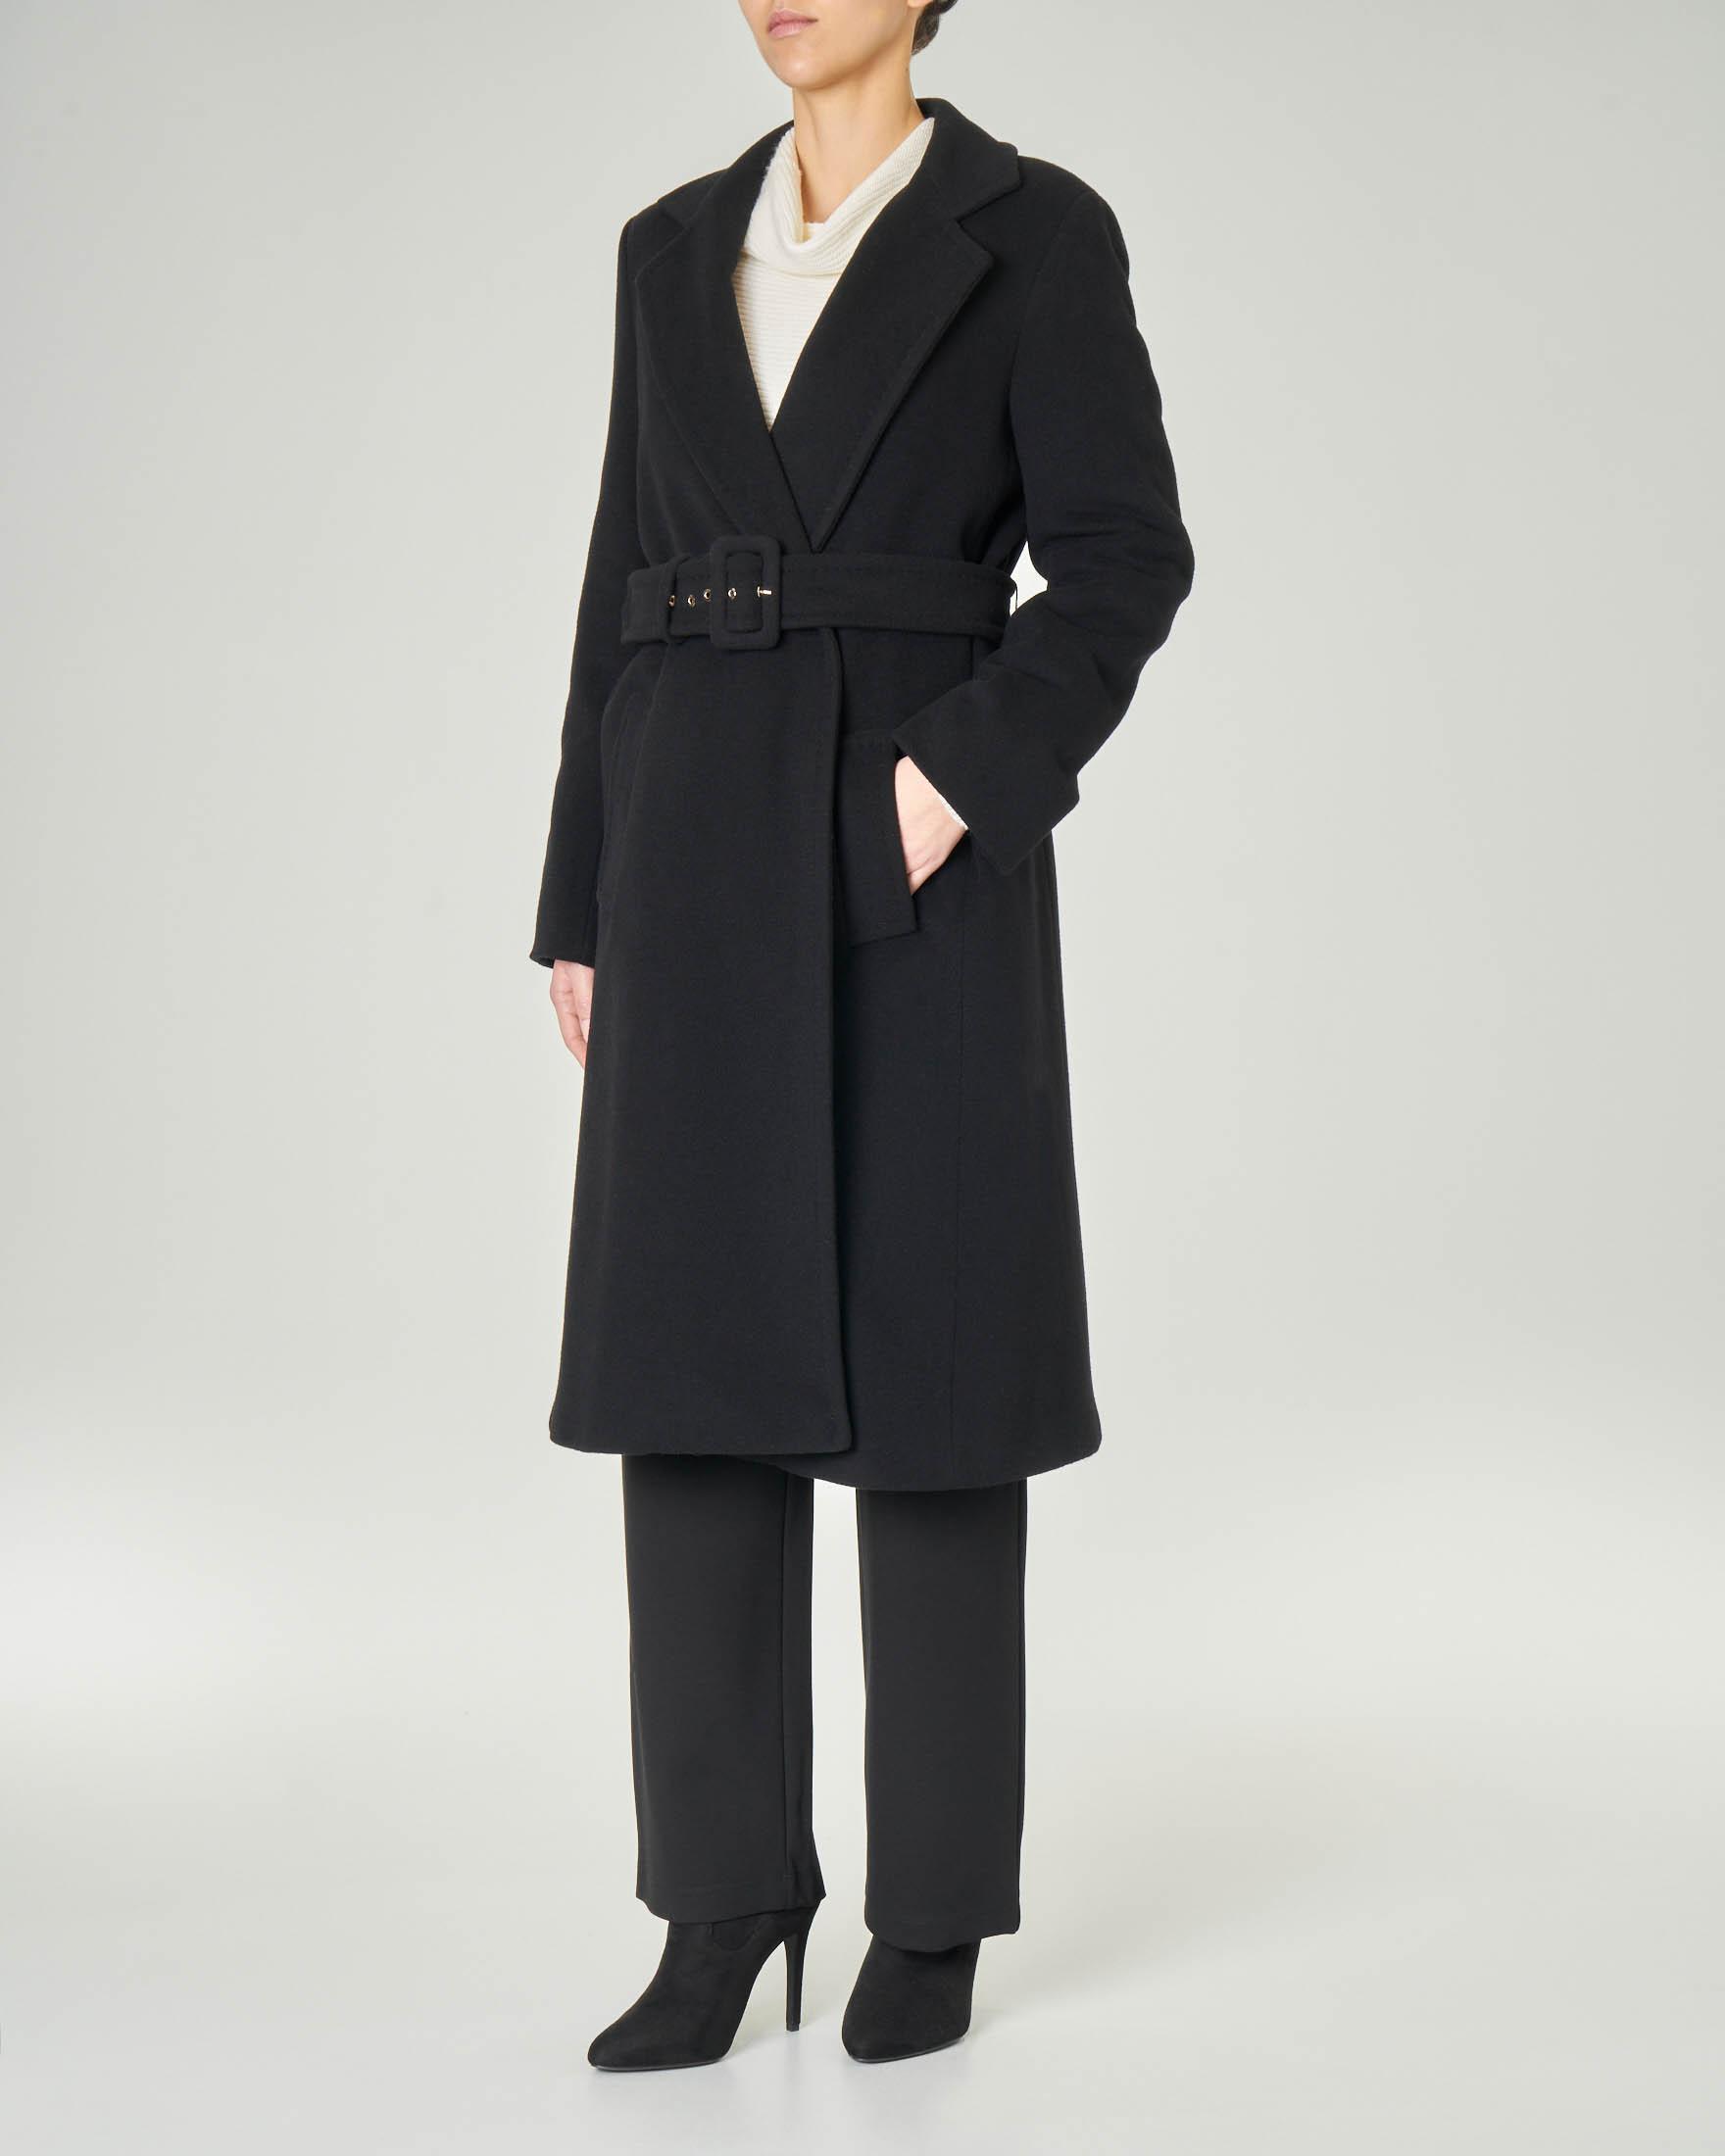 Cappotto in panno con cintura in vita NERO NERO